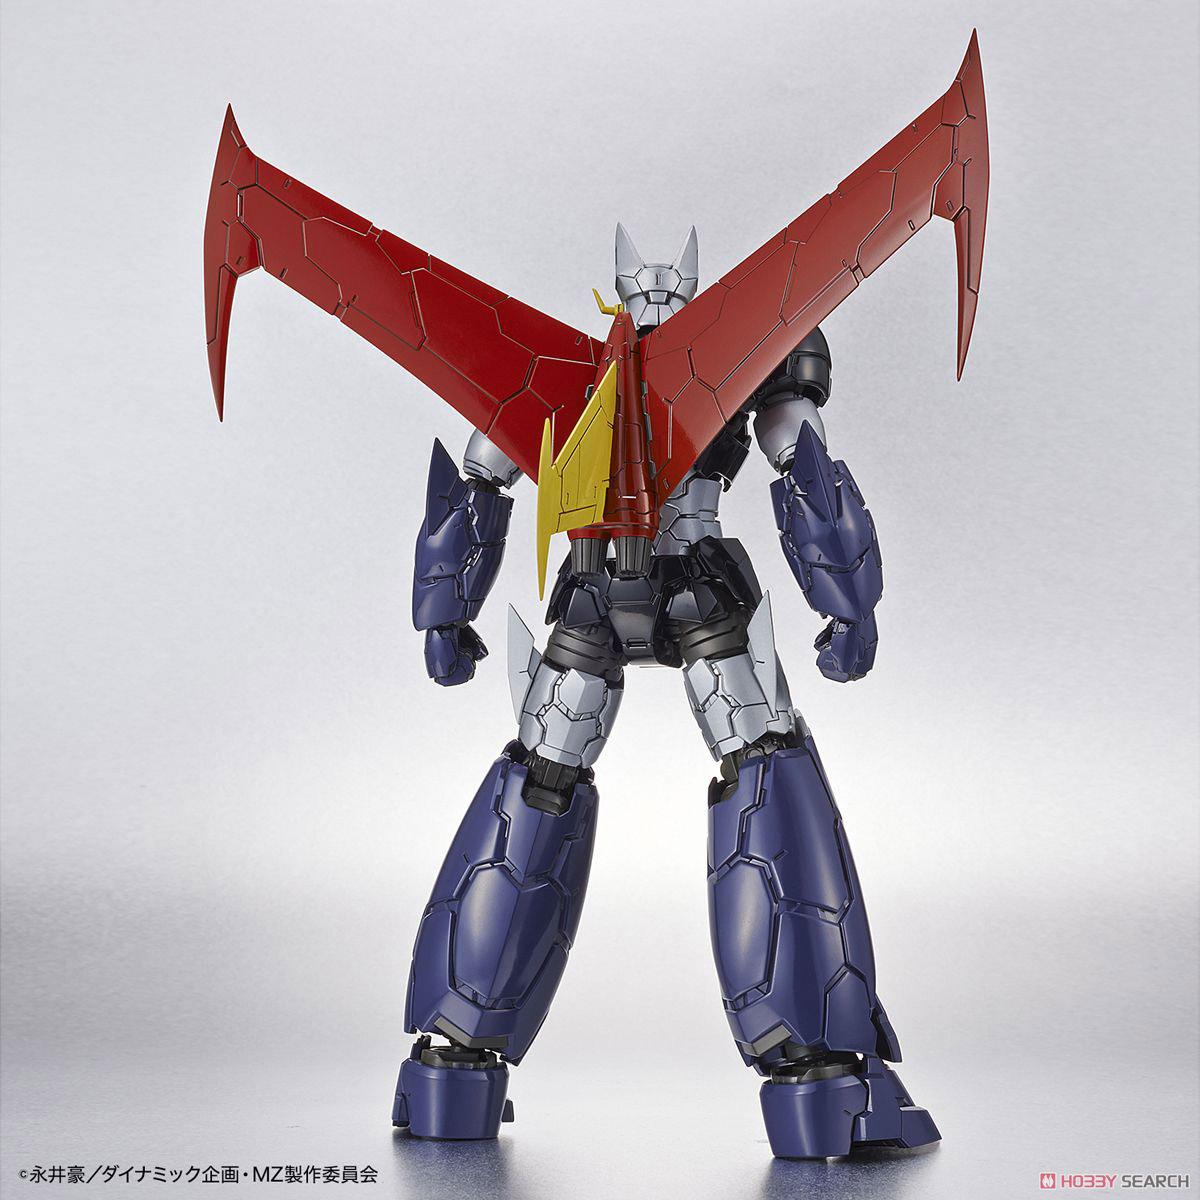 【再販】HG 1/144『グレートマジンガー(マジンガーZ INFINITY Ver.)』プラモデル-004